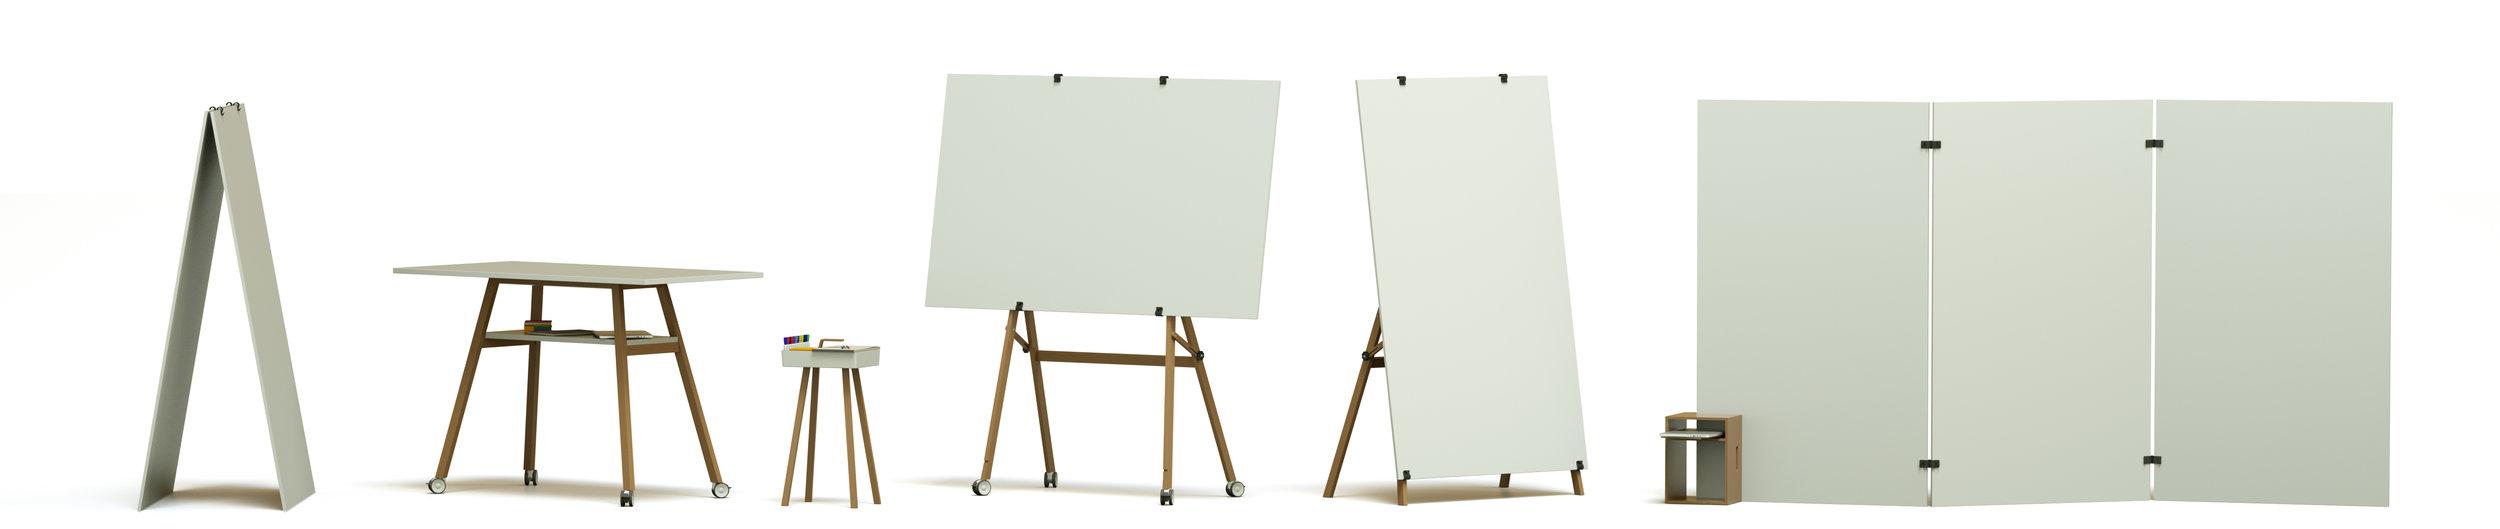 Whiteboard System. Flexibel, agil, leicht und aus Holz. Workshop Möbel, Flipcharts, Pinboards, Stehtisch und Design Thinking Set.